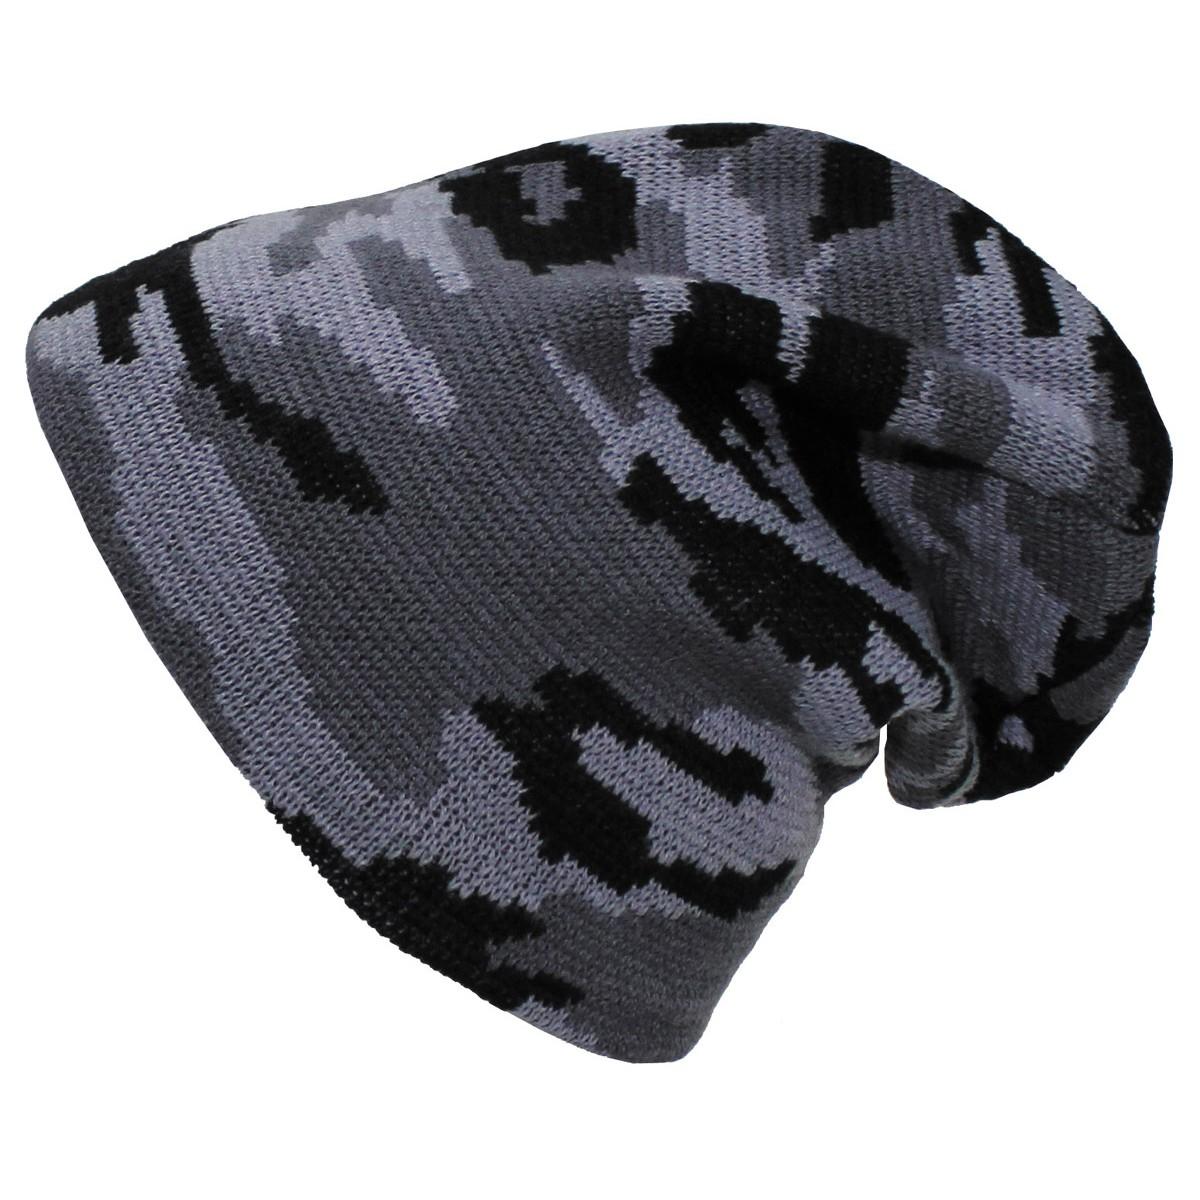 Pletená čepice Beanie extra dlouhá - urban